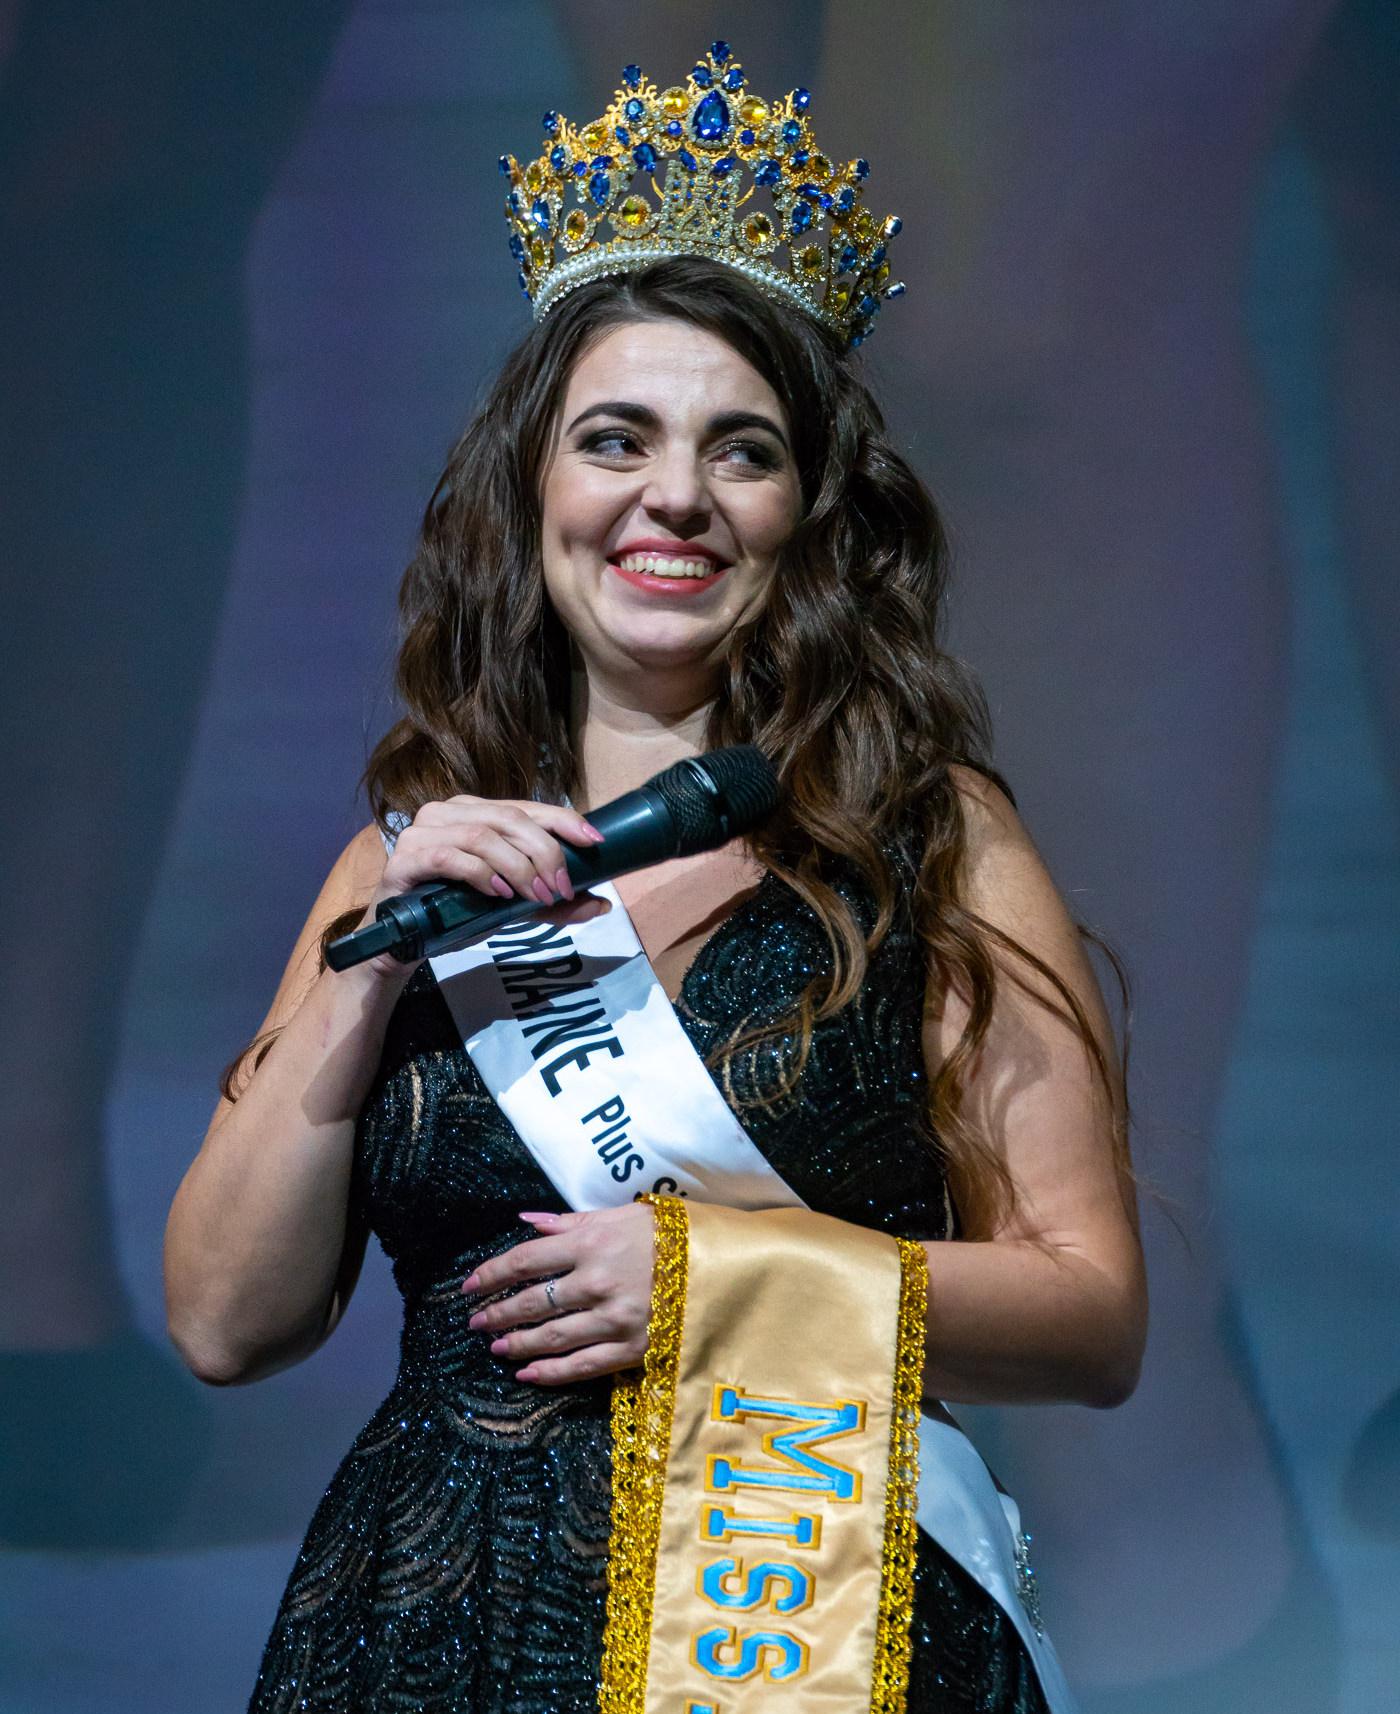 Организатор нынешнего и победительница прошлогоднего конкурса «Мисс Украина Plus Size» Виктория Щелко